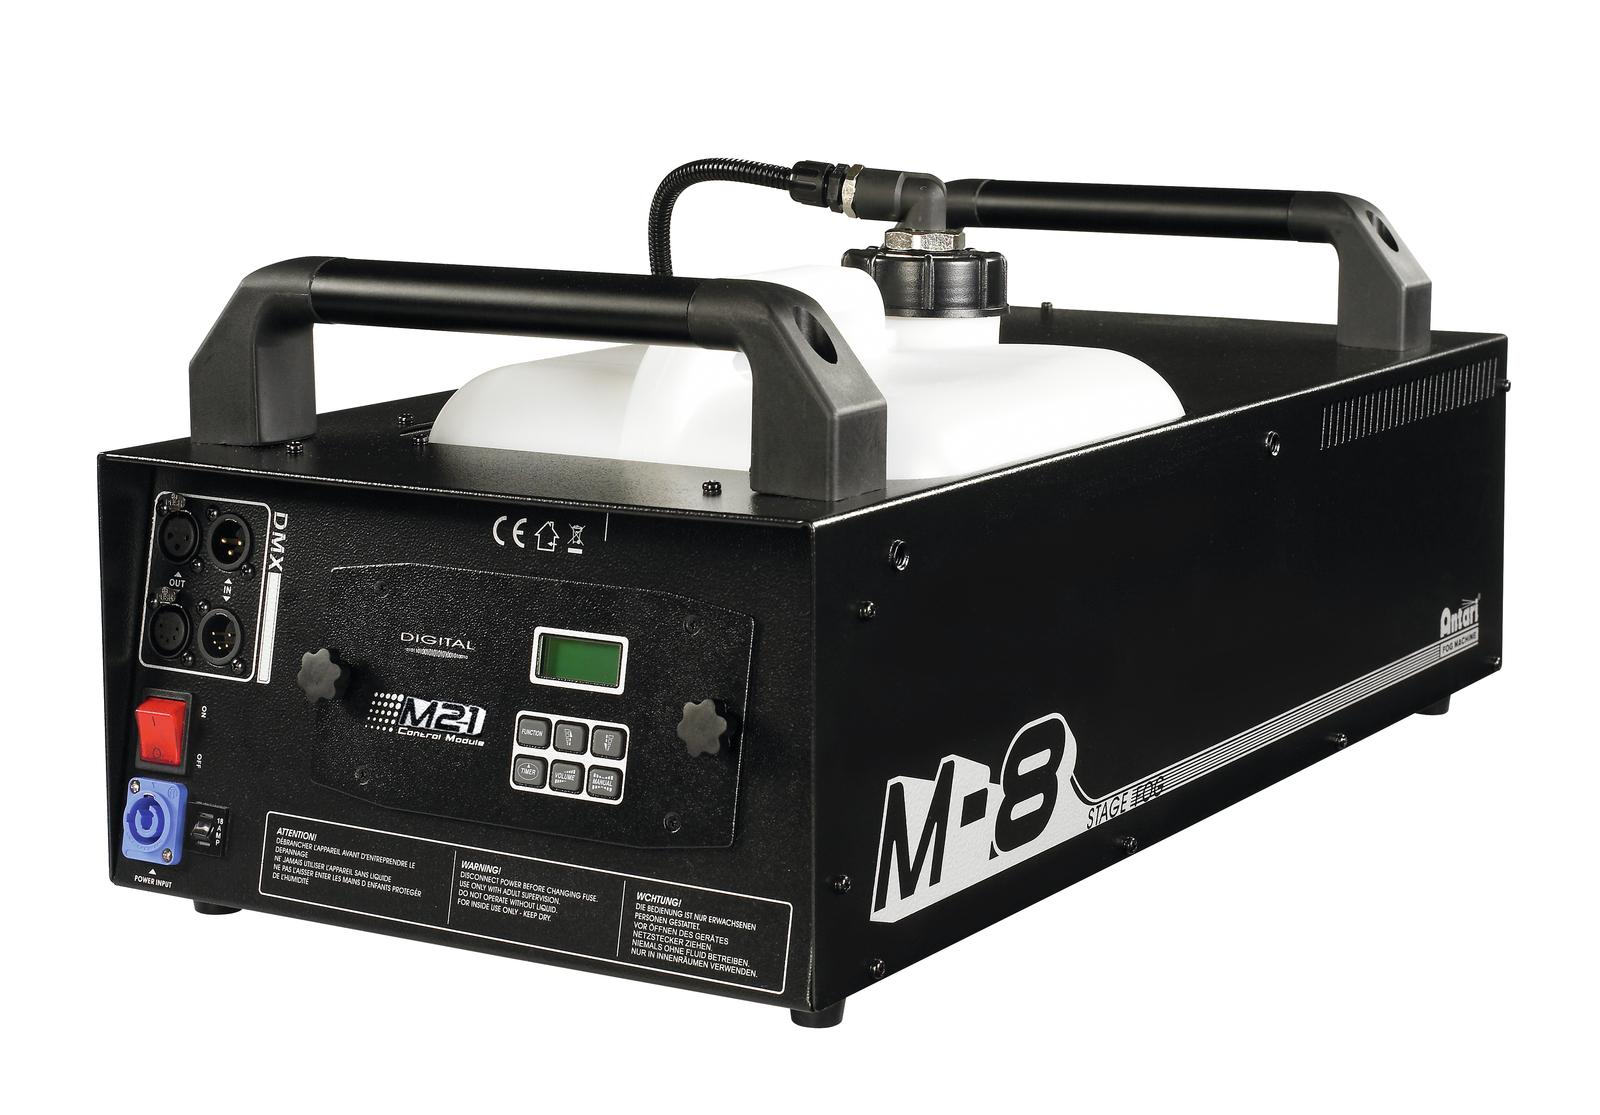 Macchina del fumo alte prestazioni 1800 W dmx controller wireless ANTARI M-8